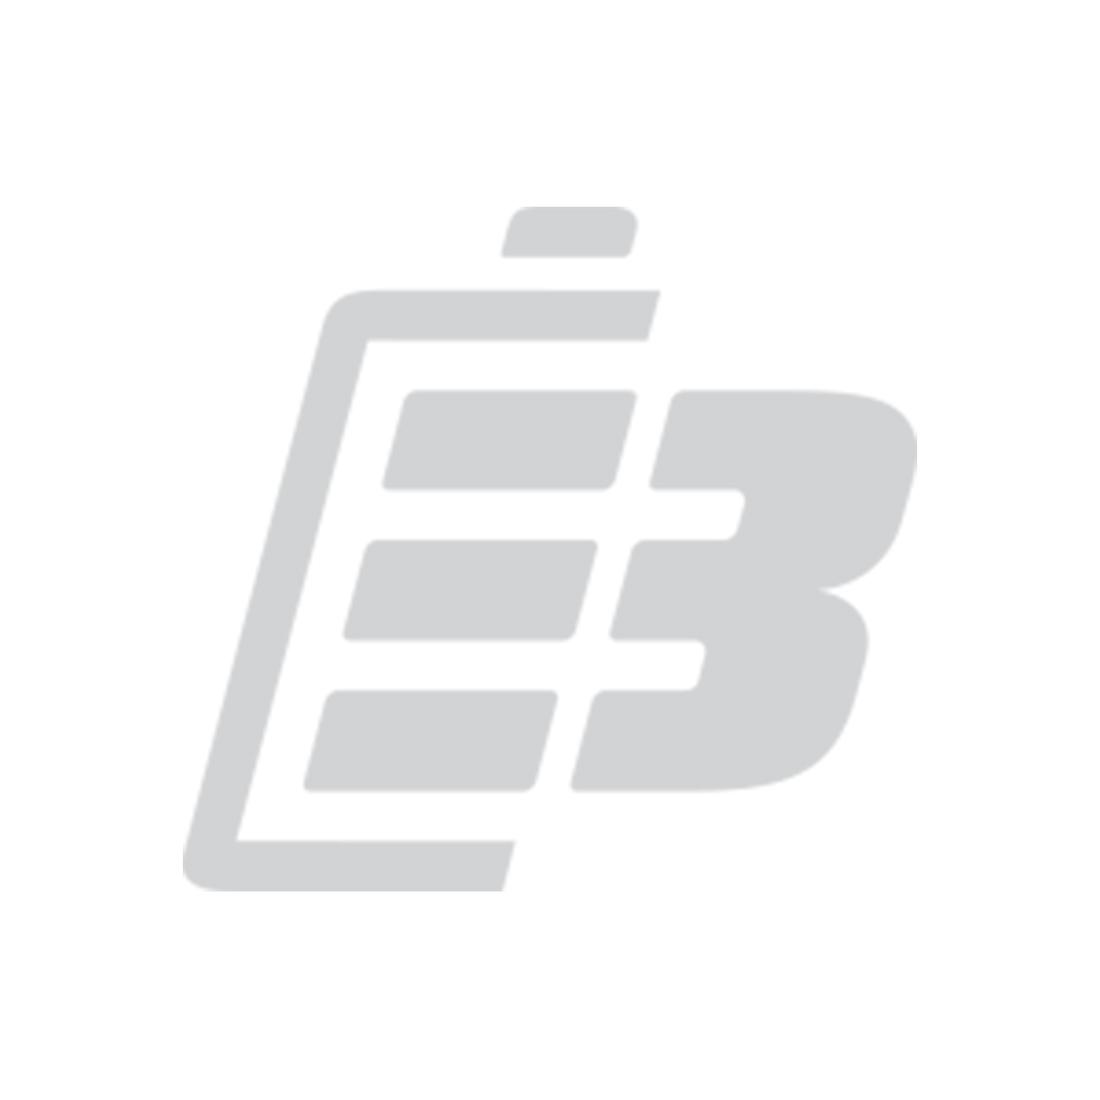 Μπαταρία κινητού τηλεφώνου Samsung J700_1